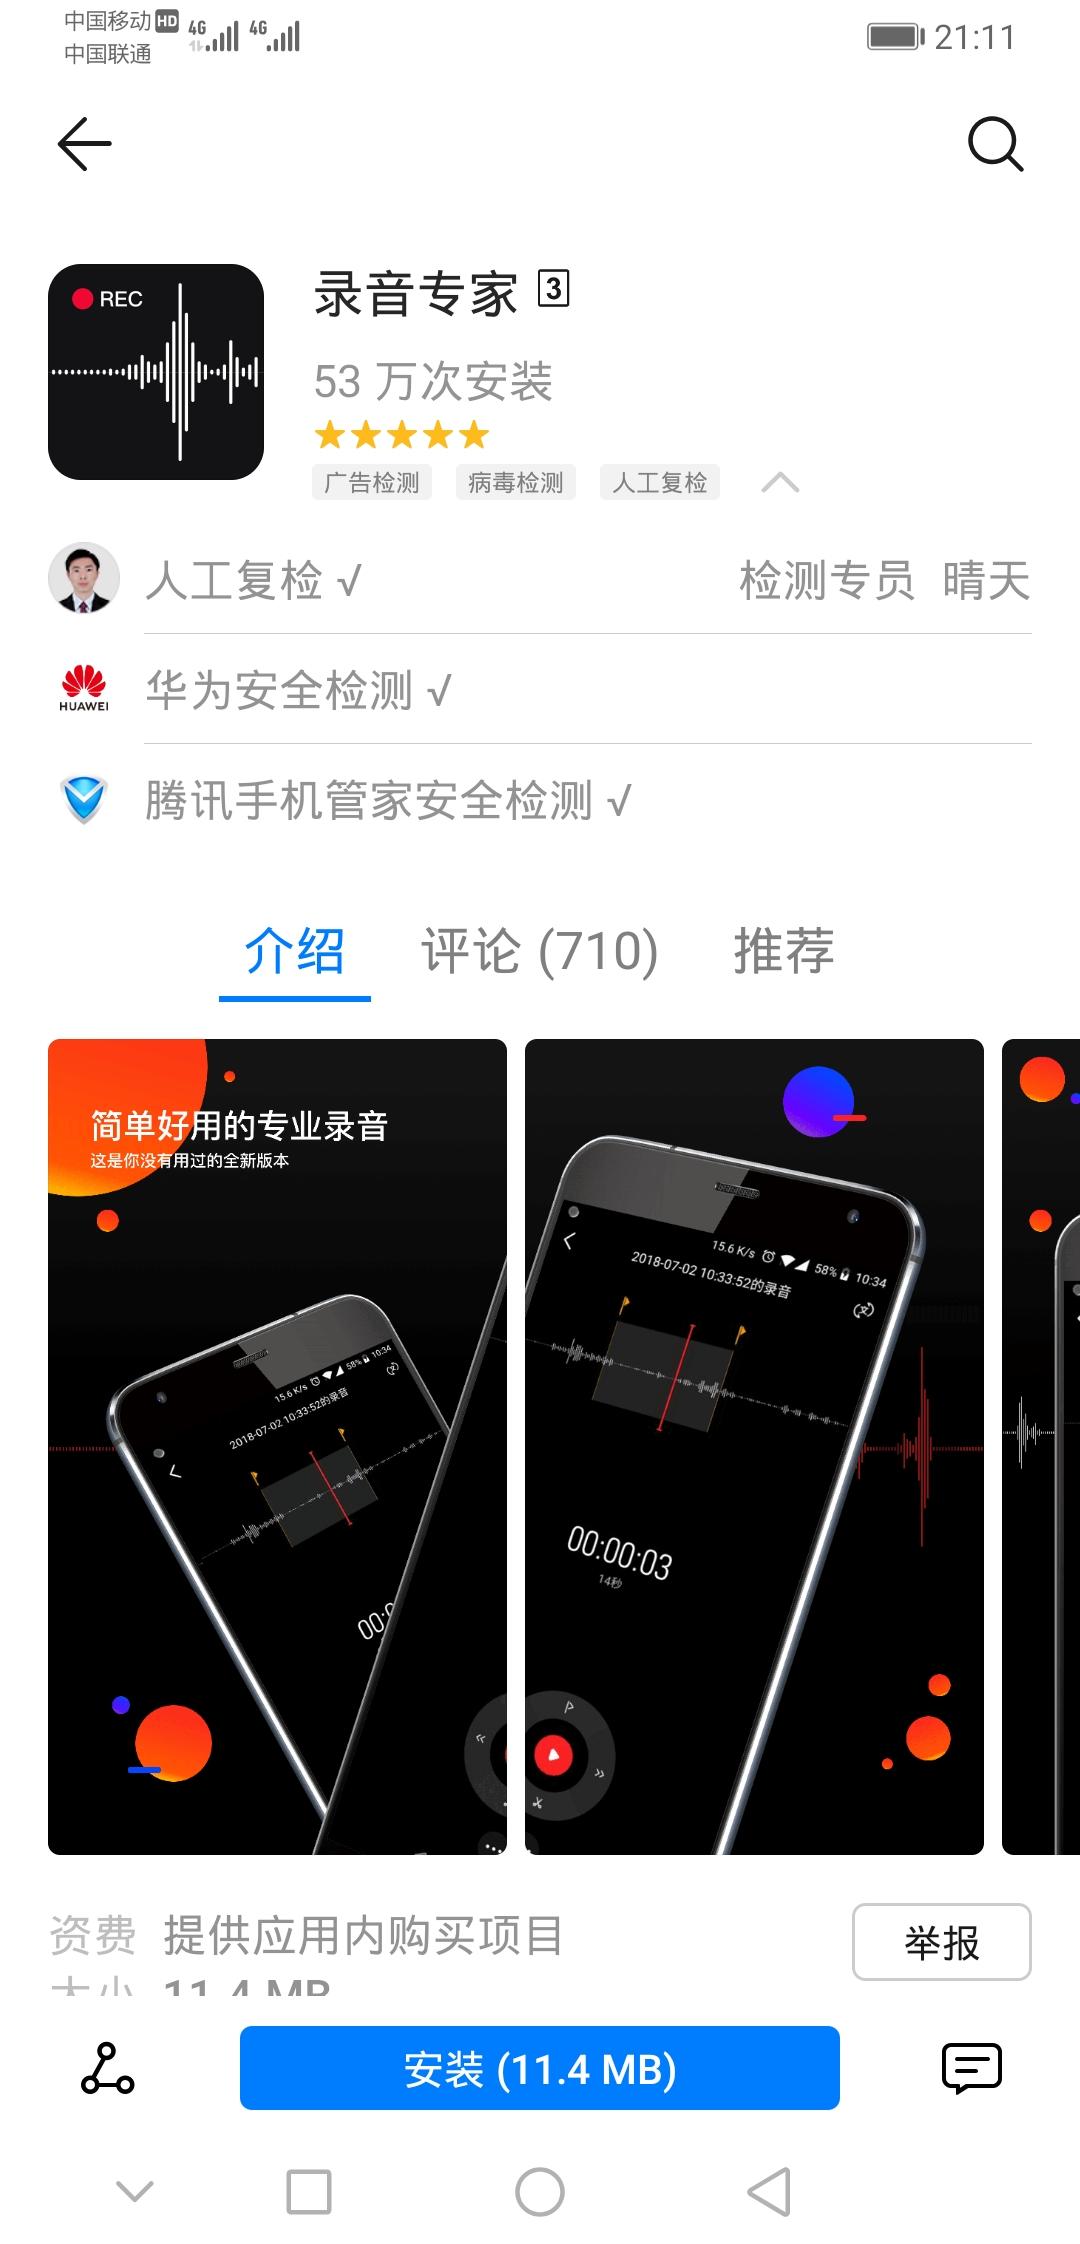 Screenshot_20181102_211129_com.huawei.appmarket.jpg